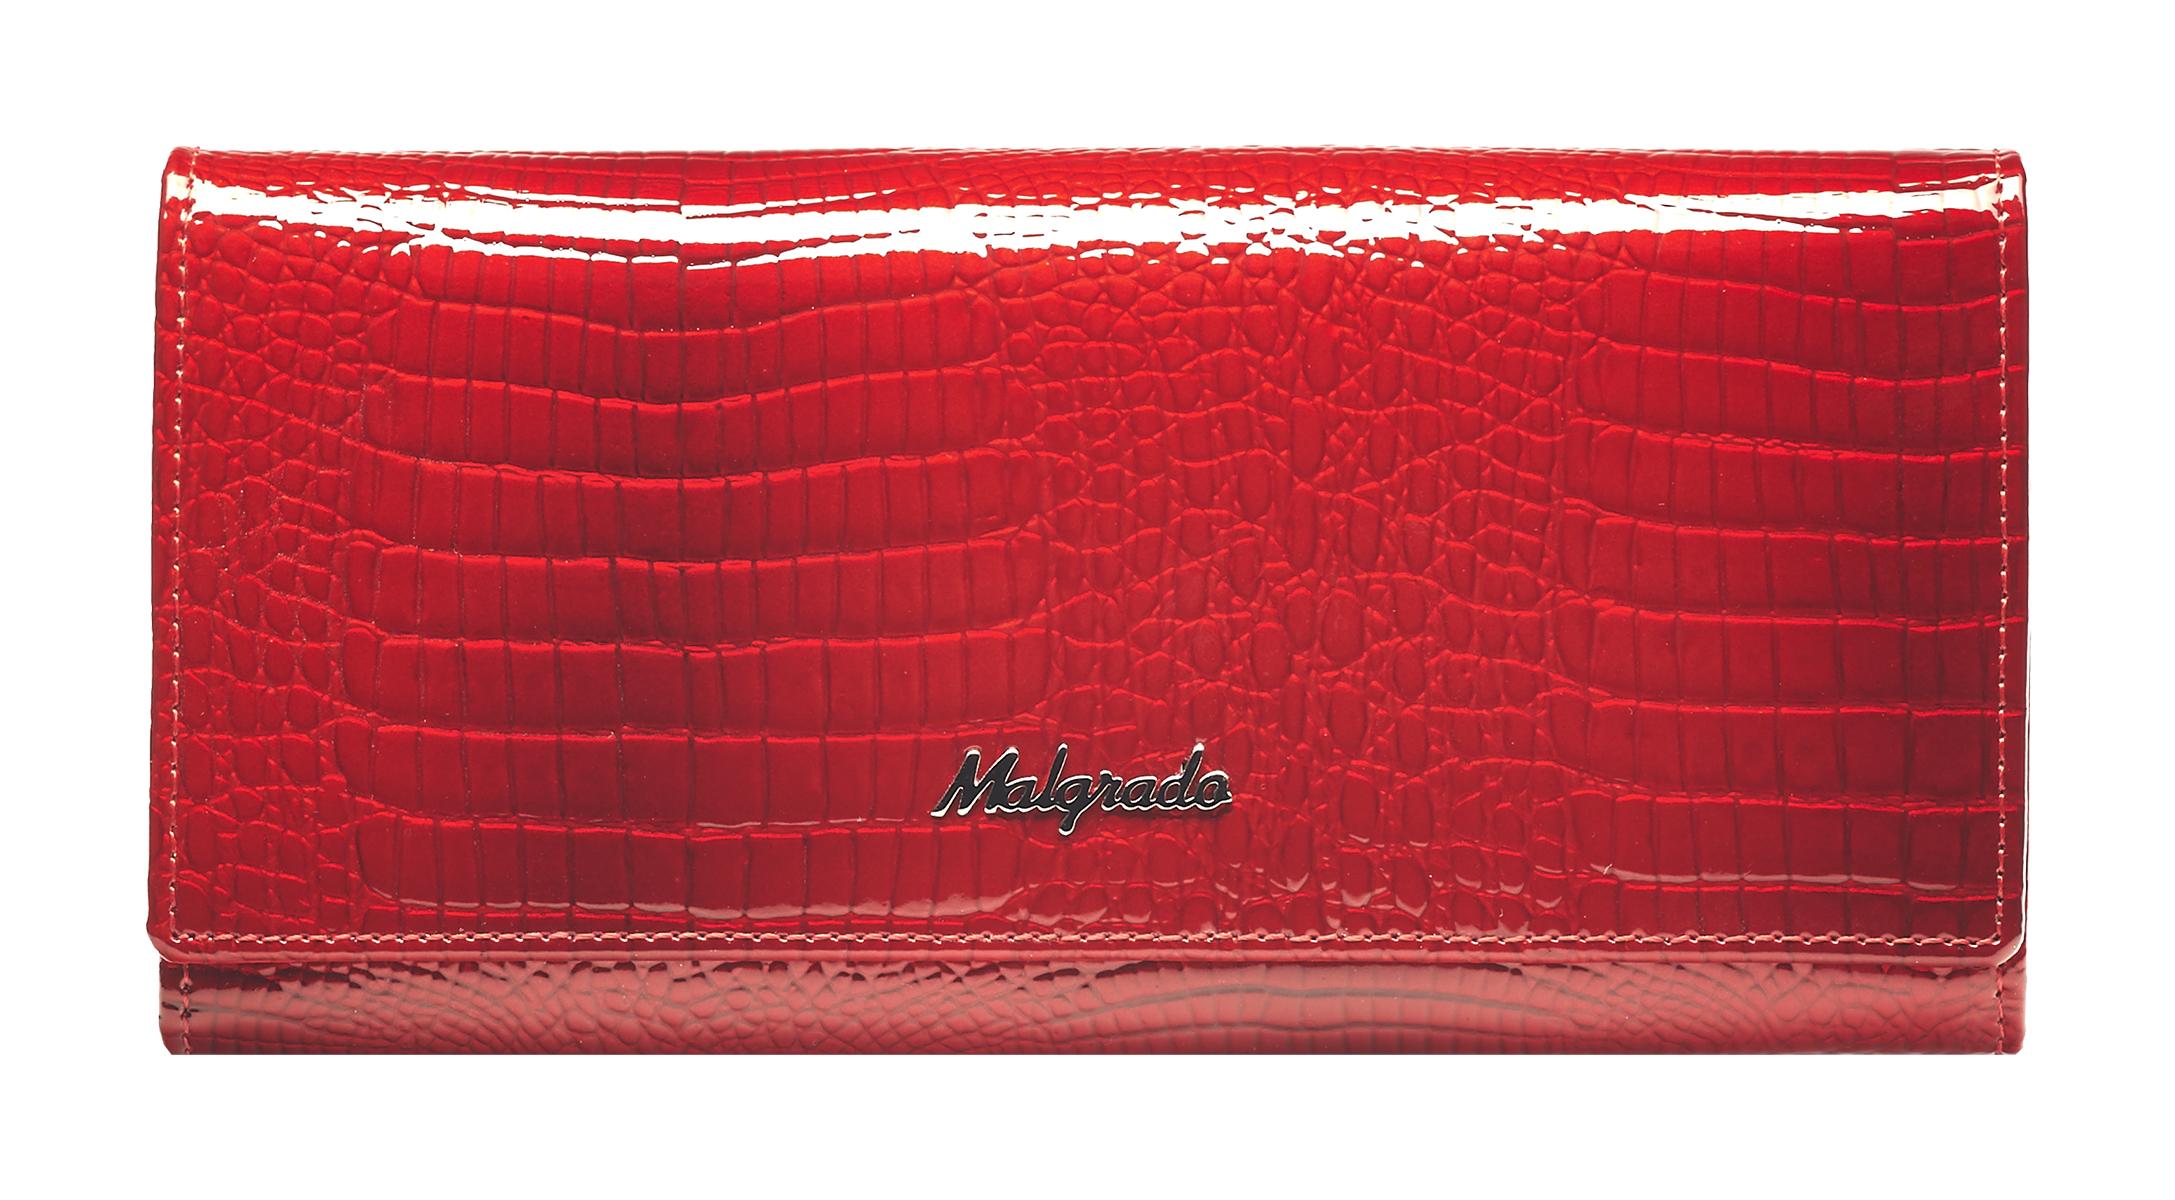 Кошелек женский Malgrado, цвет: красный. 72076-4472076-44Стильный кошелек Malgrado изготовлен из лаковой натуральной кожи красного цвета с декоративным тиснением под рептилию и вмещает в себя купюры в развернутом виде в полную длину. Внутри содержит шесть отделений для купюр, два дополнительных кармана на молнии, четыре кармана для дисконтных карт, визиток, кредиток, один прозрачный кармашек для пропуска, проездного или фотографии и два дополнительных потайных кармана. С оборотной стороны расположен карман на молнии. Закрывается кошелек клапаном на кнопку. Кошелек упакован в подарочную металлическую коробку с логотипом фирмы. Такой кошелек станет замечательным подарком человеку, ценящему качественные и практичные вещи. Характеристики: Материал: натуральная кожа, текстиль, металл. Размер кошелька: 18,5 см х 9 см х 3 см. Цвет: красный. Размер упаковки: 23 см х 13 см х 4,5 см. Артикул: 72076-44.